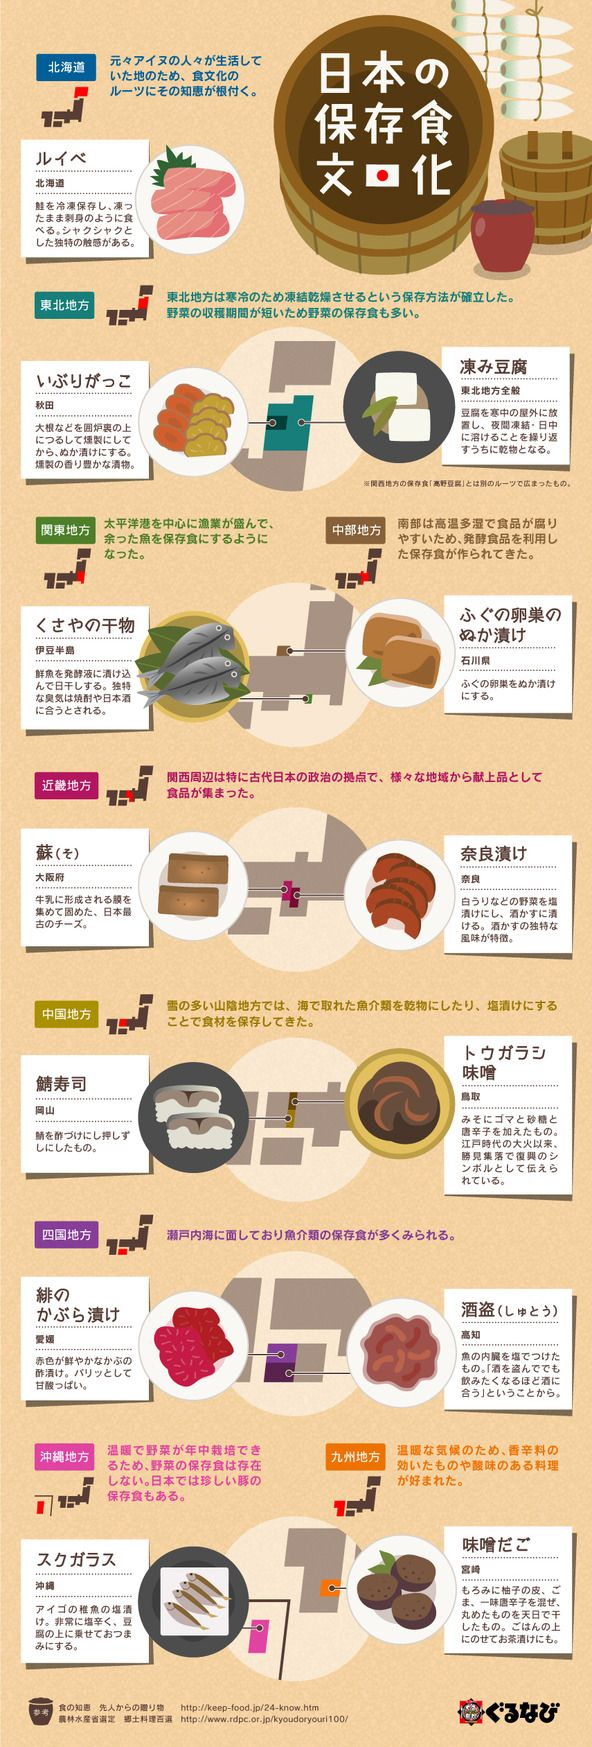 日本の和食を支えた立役者!全国の保存食をまとめたインフォグラフィック | みんなのごはん